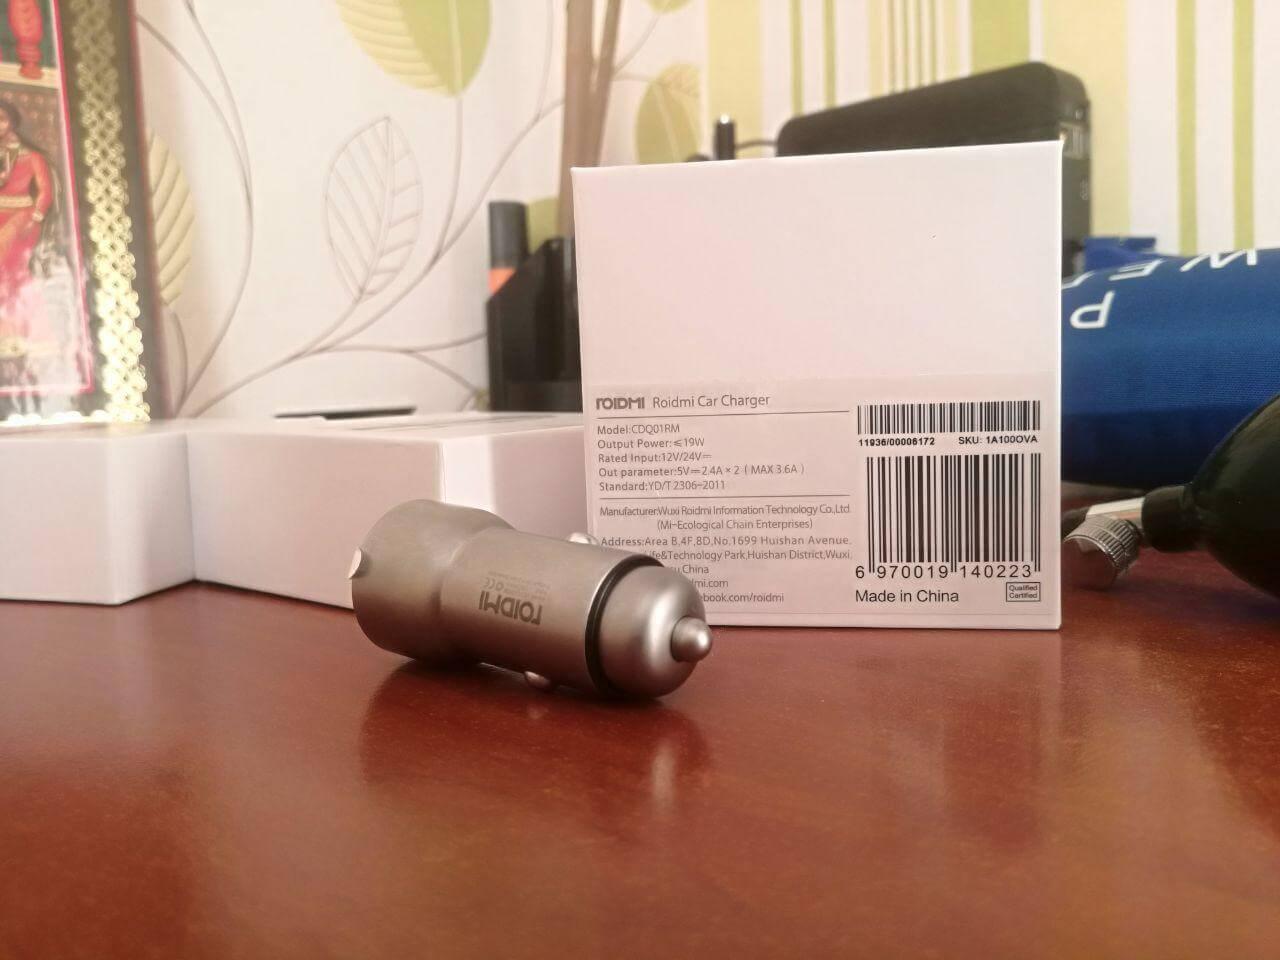 Посылка из Китая. Автомобильное зарядное устройство Xiaomi Roidmi C1